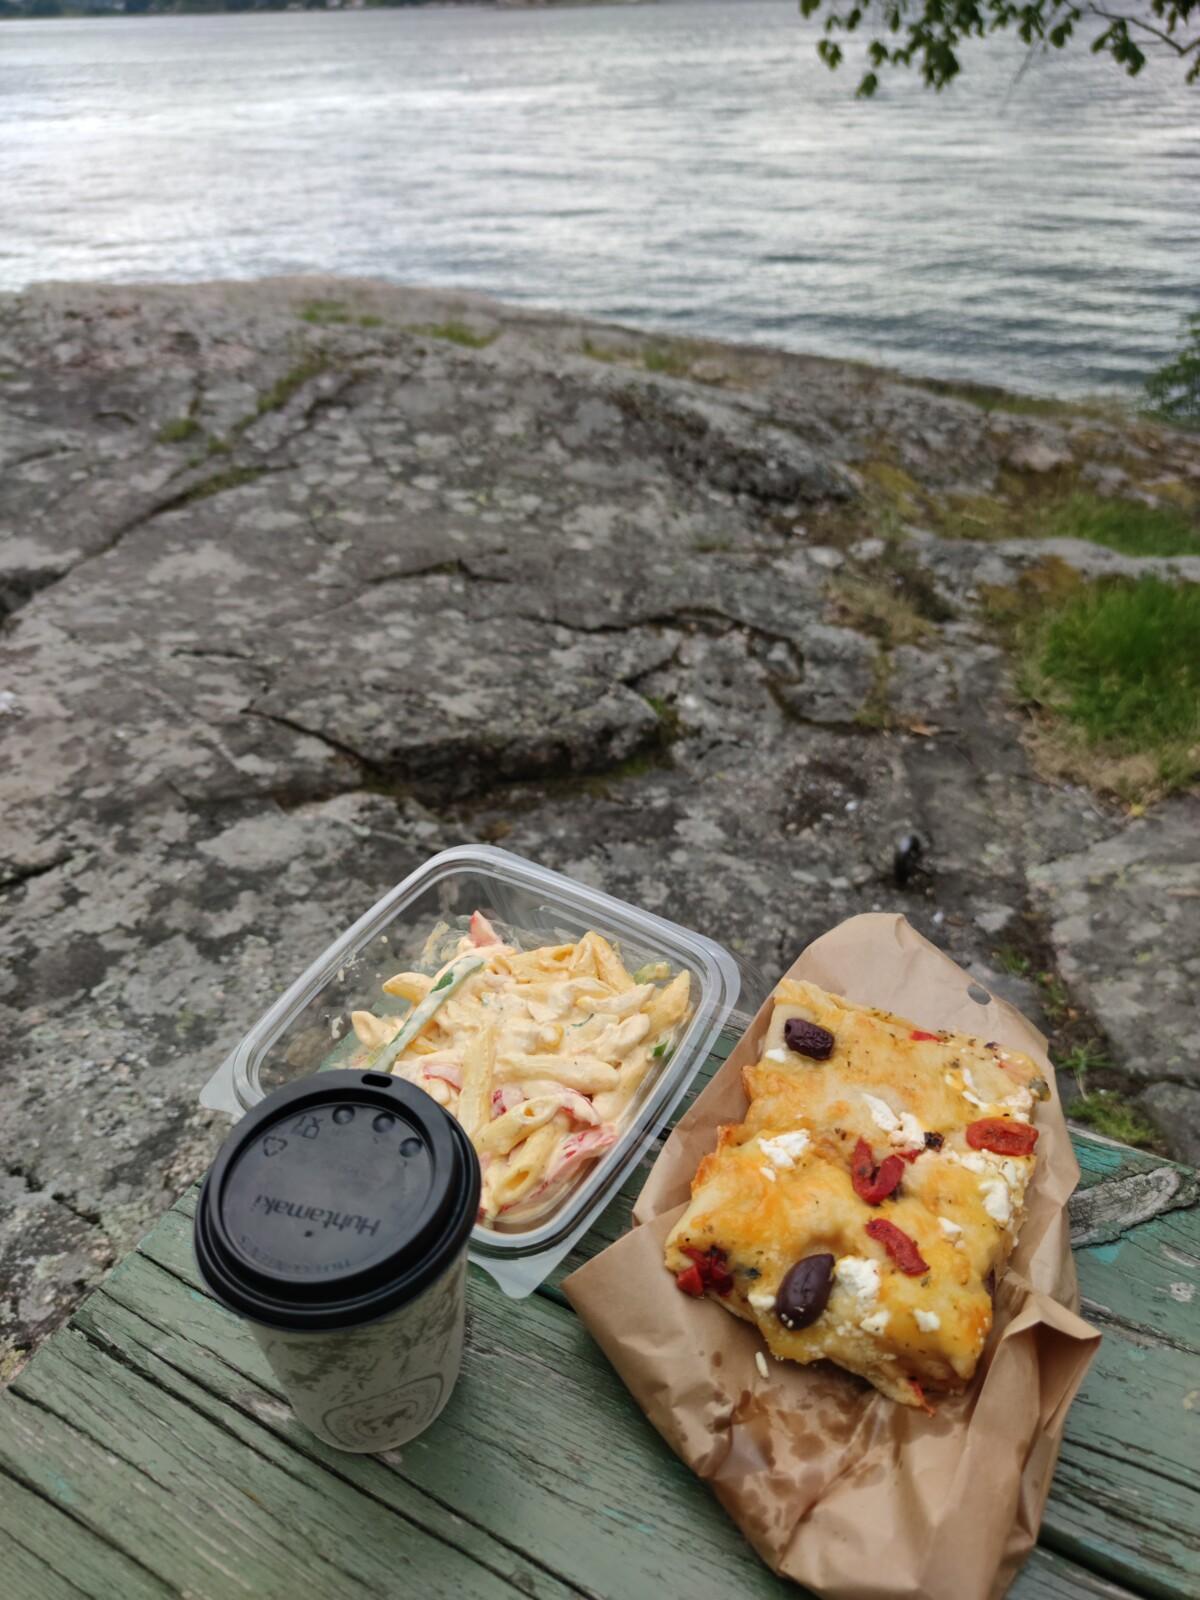 natur-naturbilder-drobak-drøbak-norge-badeparken-sjokoladekake-hjemmelagdsjokoladekake-sjø-hav-utsikt-havutsikt-sommer-sommeridrøbak-stranda-stranden-trær-isalicious-isalicious1-isalicious.blogg.no-blogger-toppblogger-